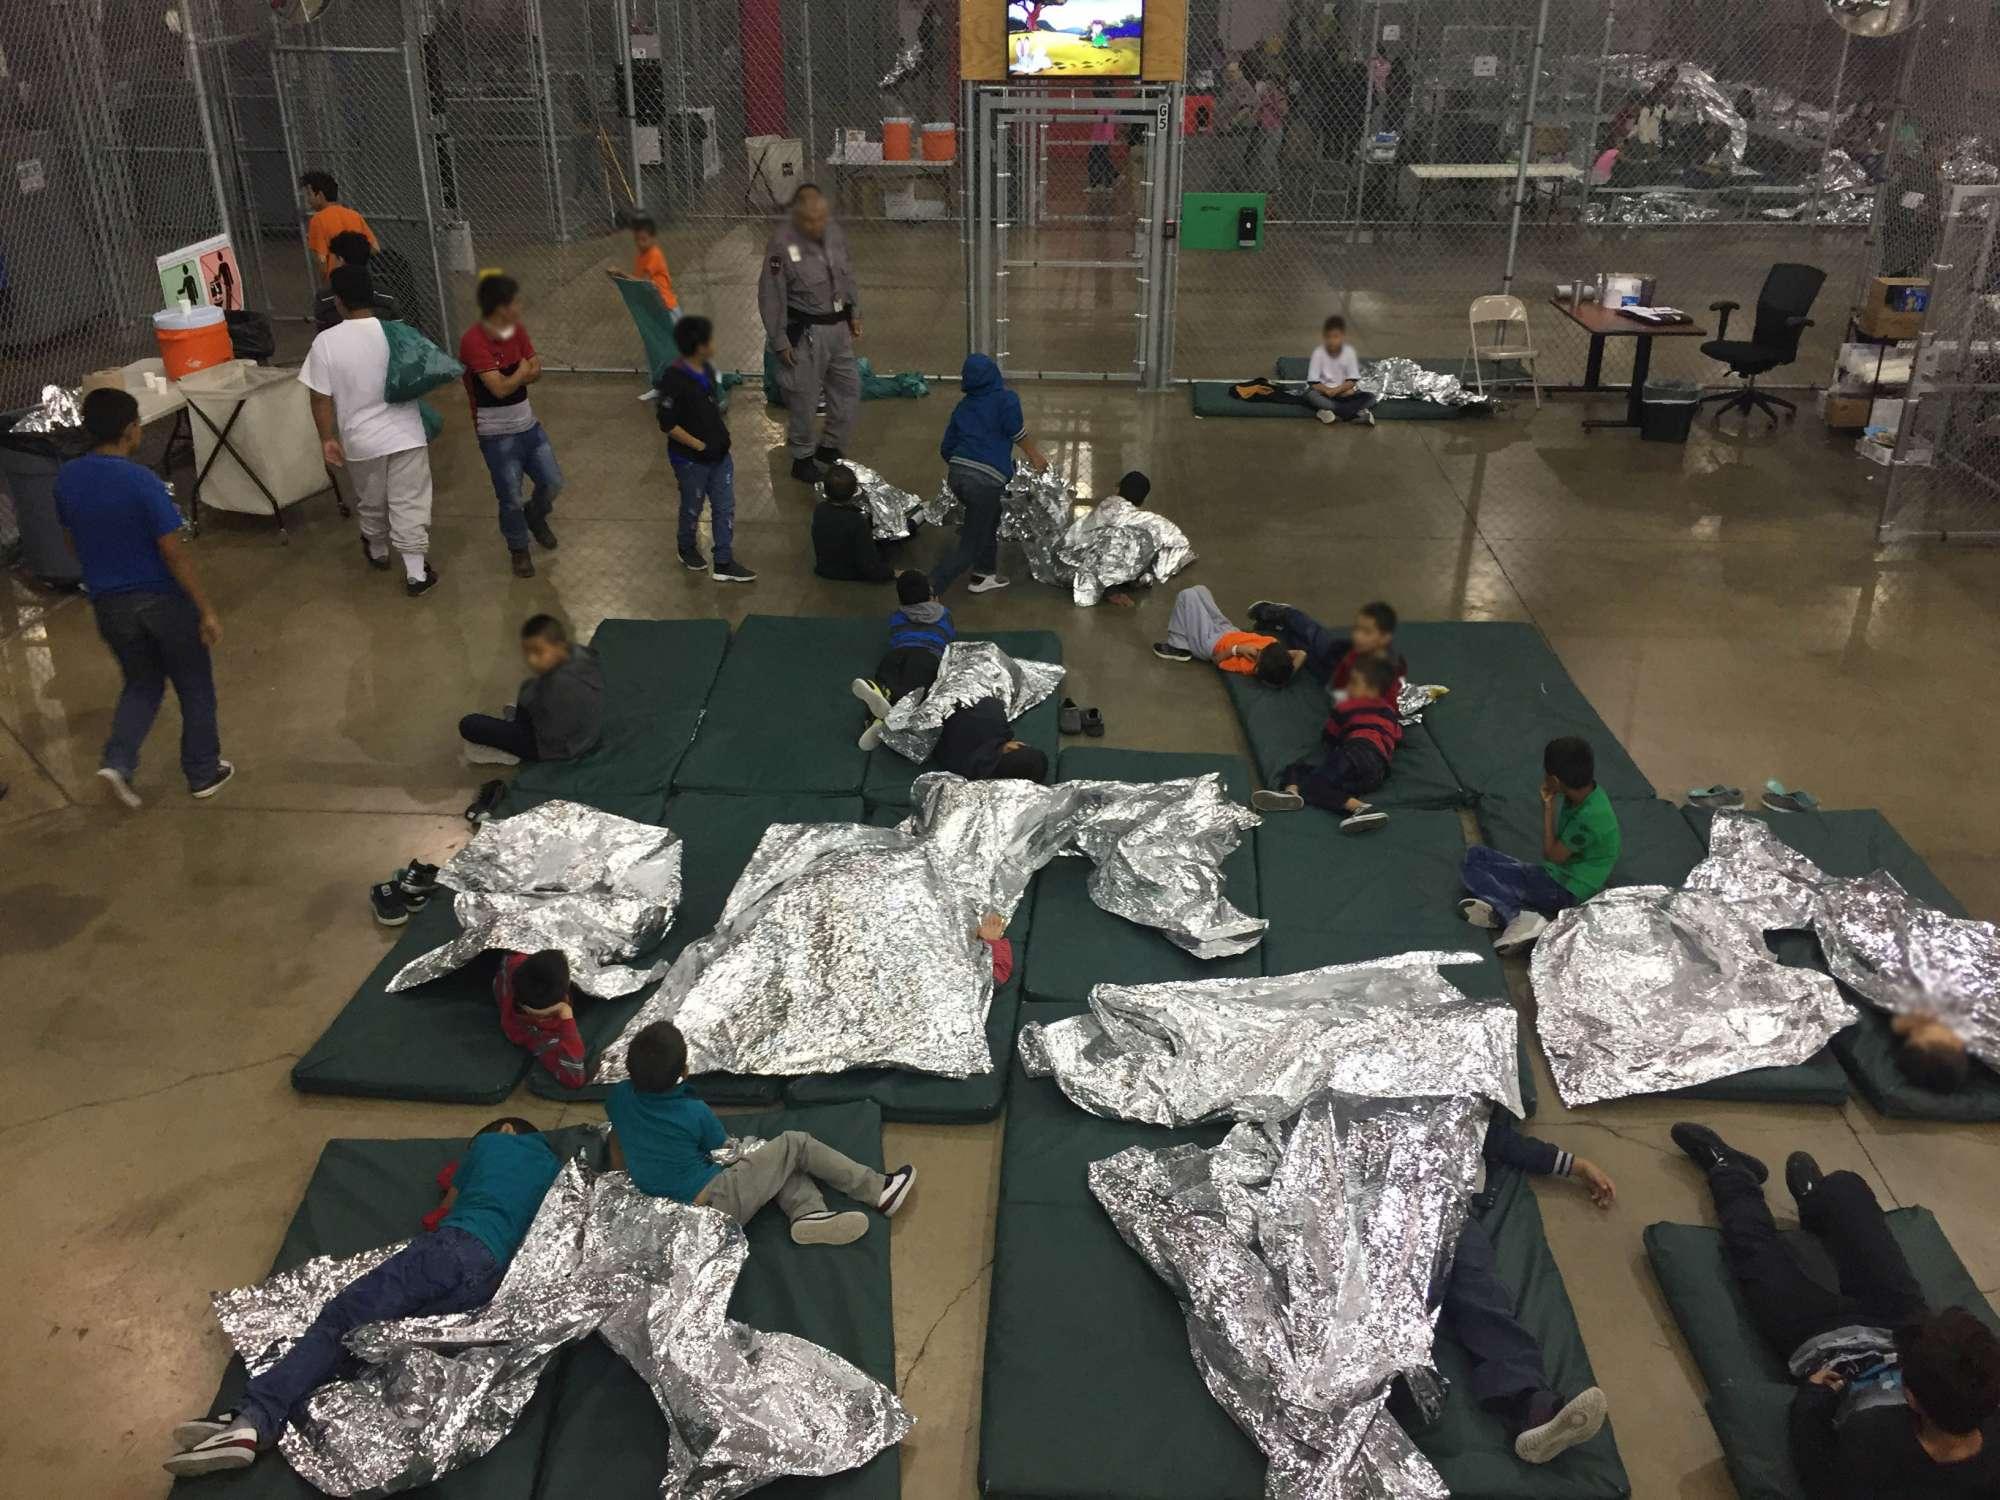 CBP Handout via REUTERS